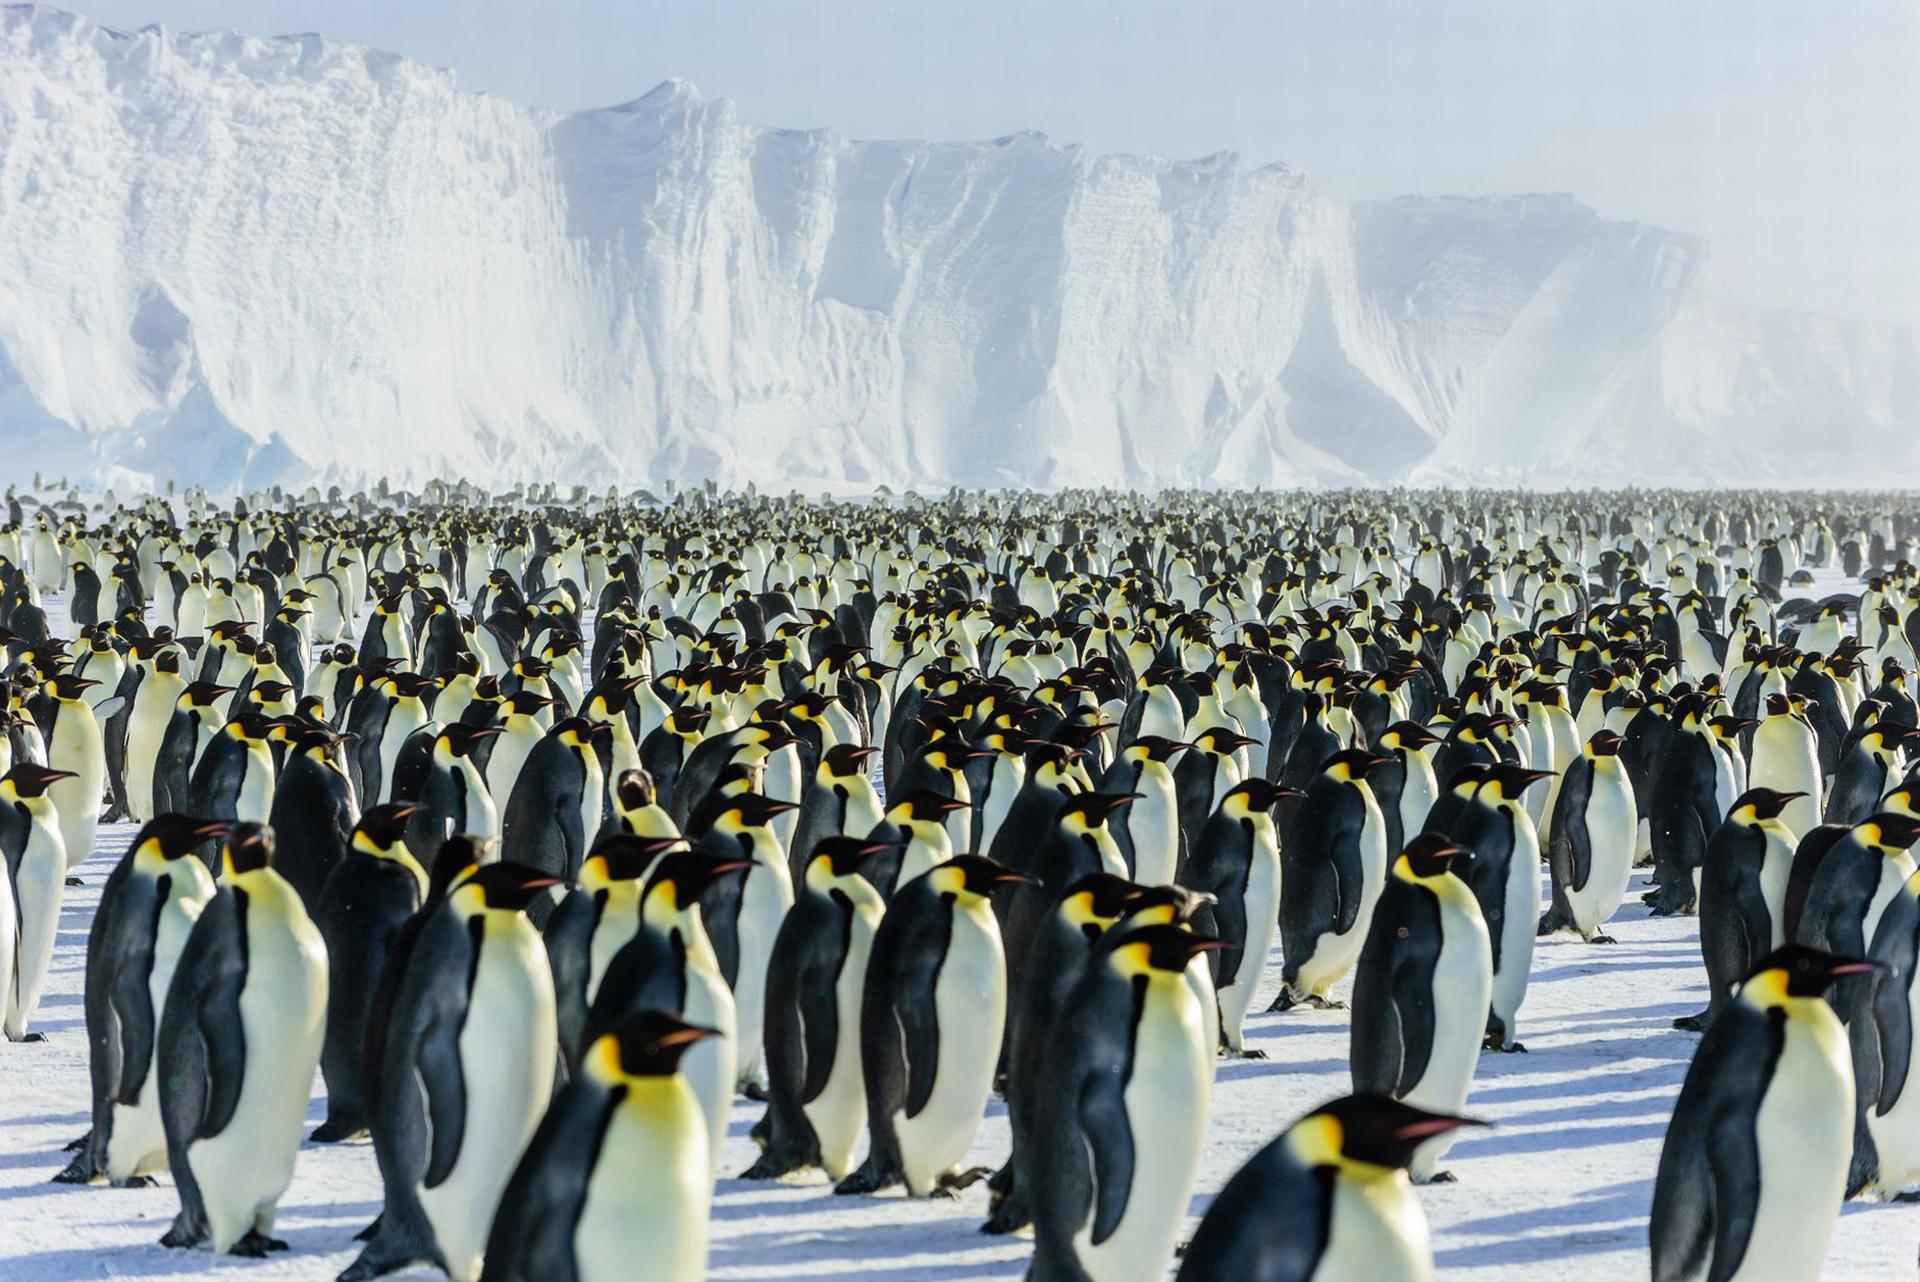 Una experiencia única: estar rodeado por pingüinos emperadores sin que ninguno se perturbe